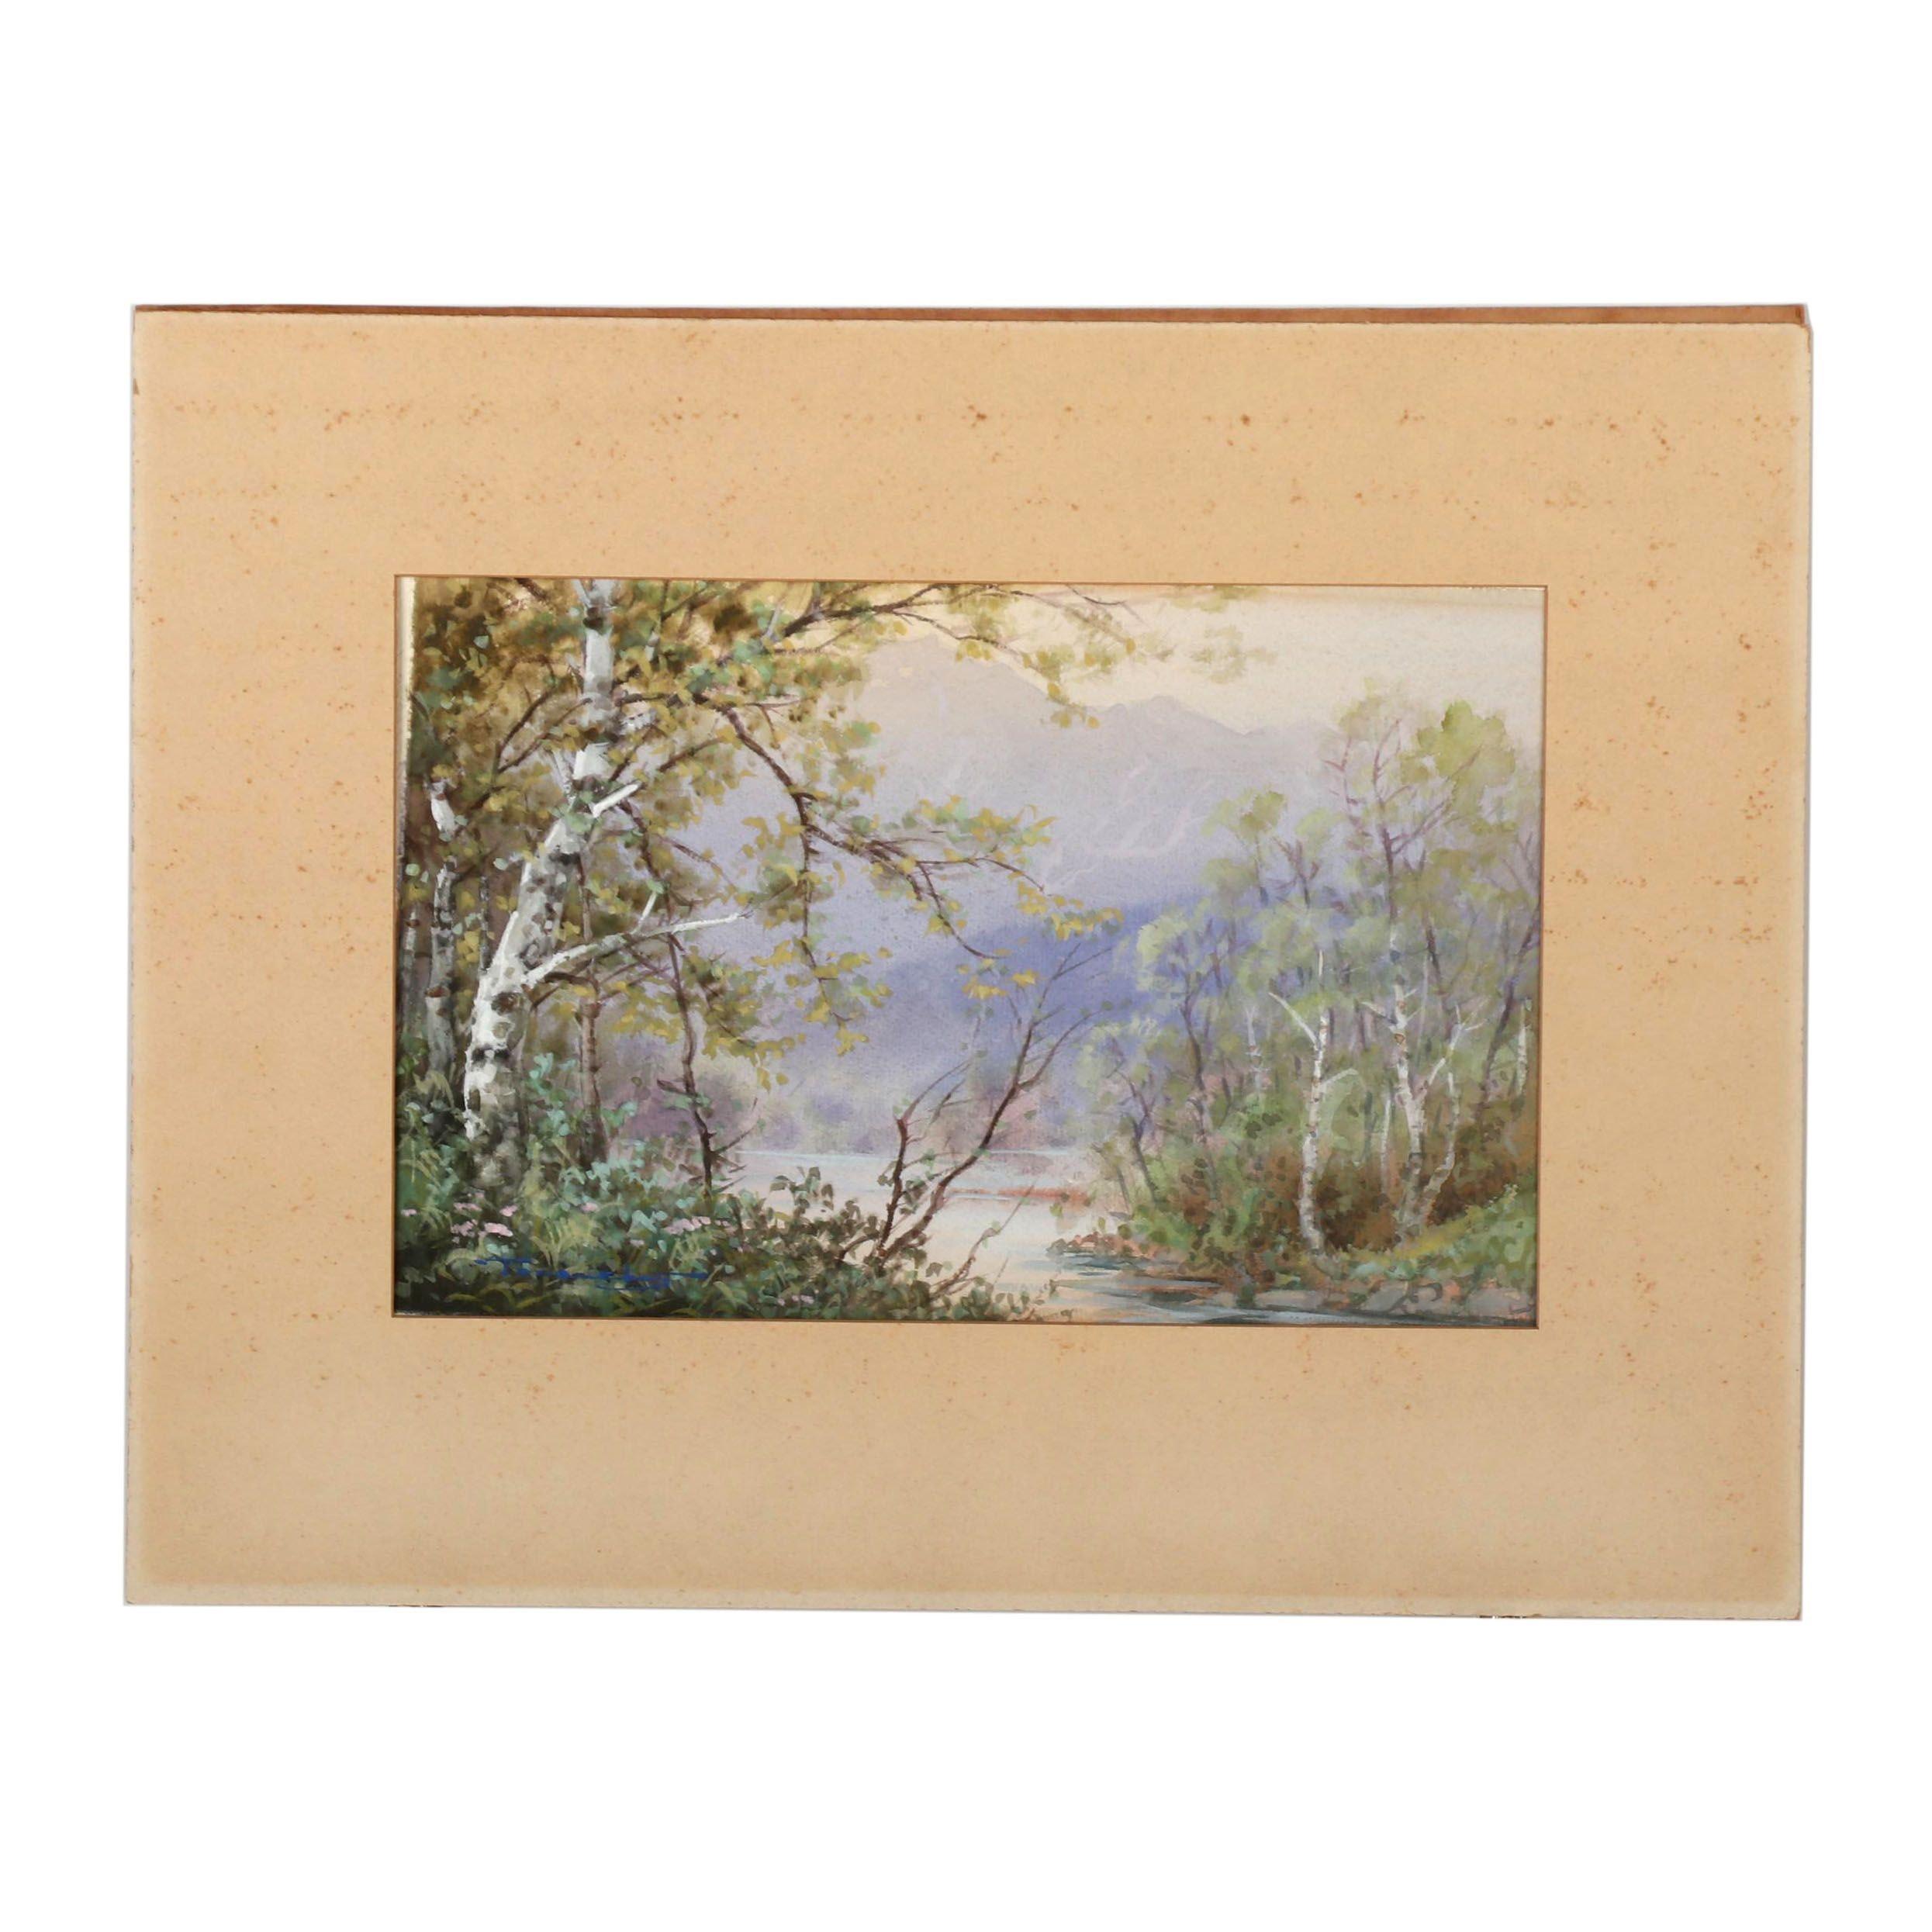 Mid 20th Century Landscape Gouache Painting